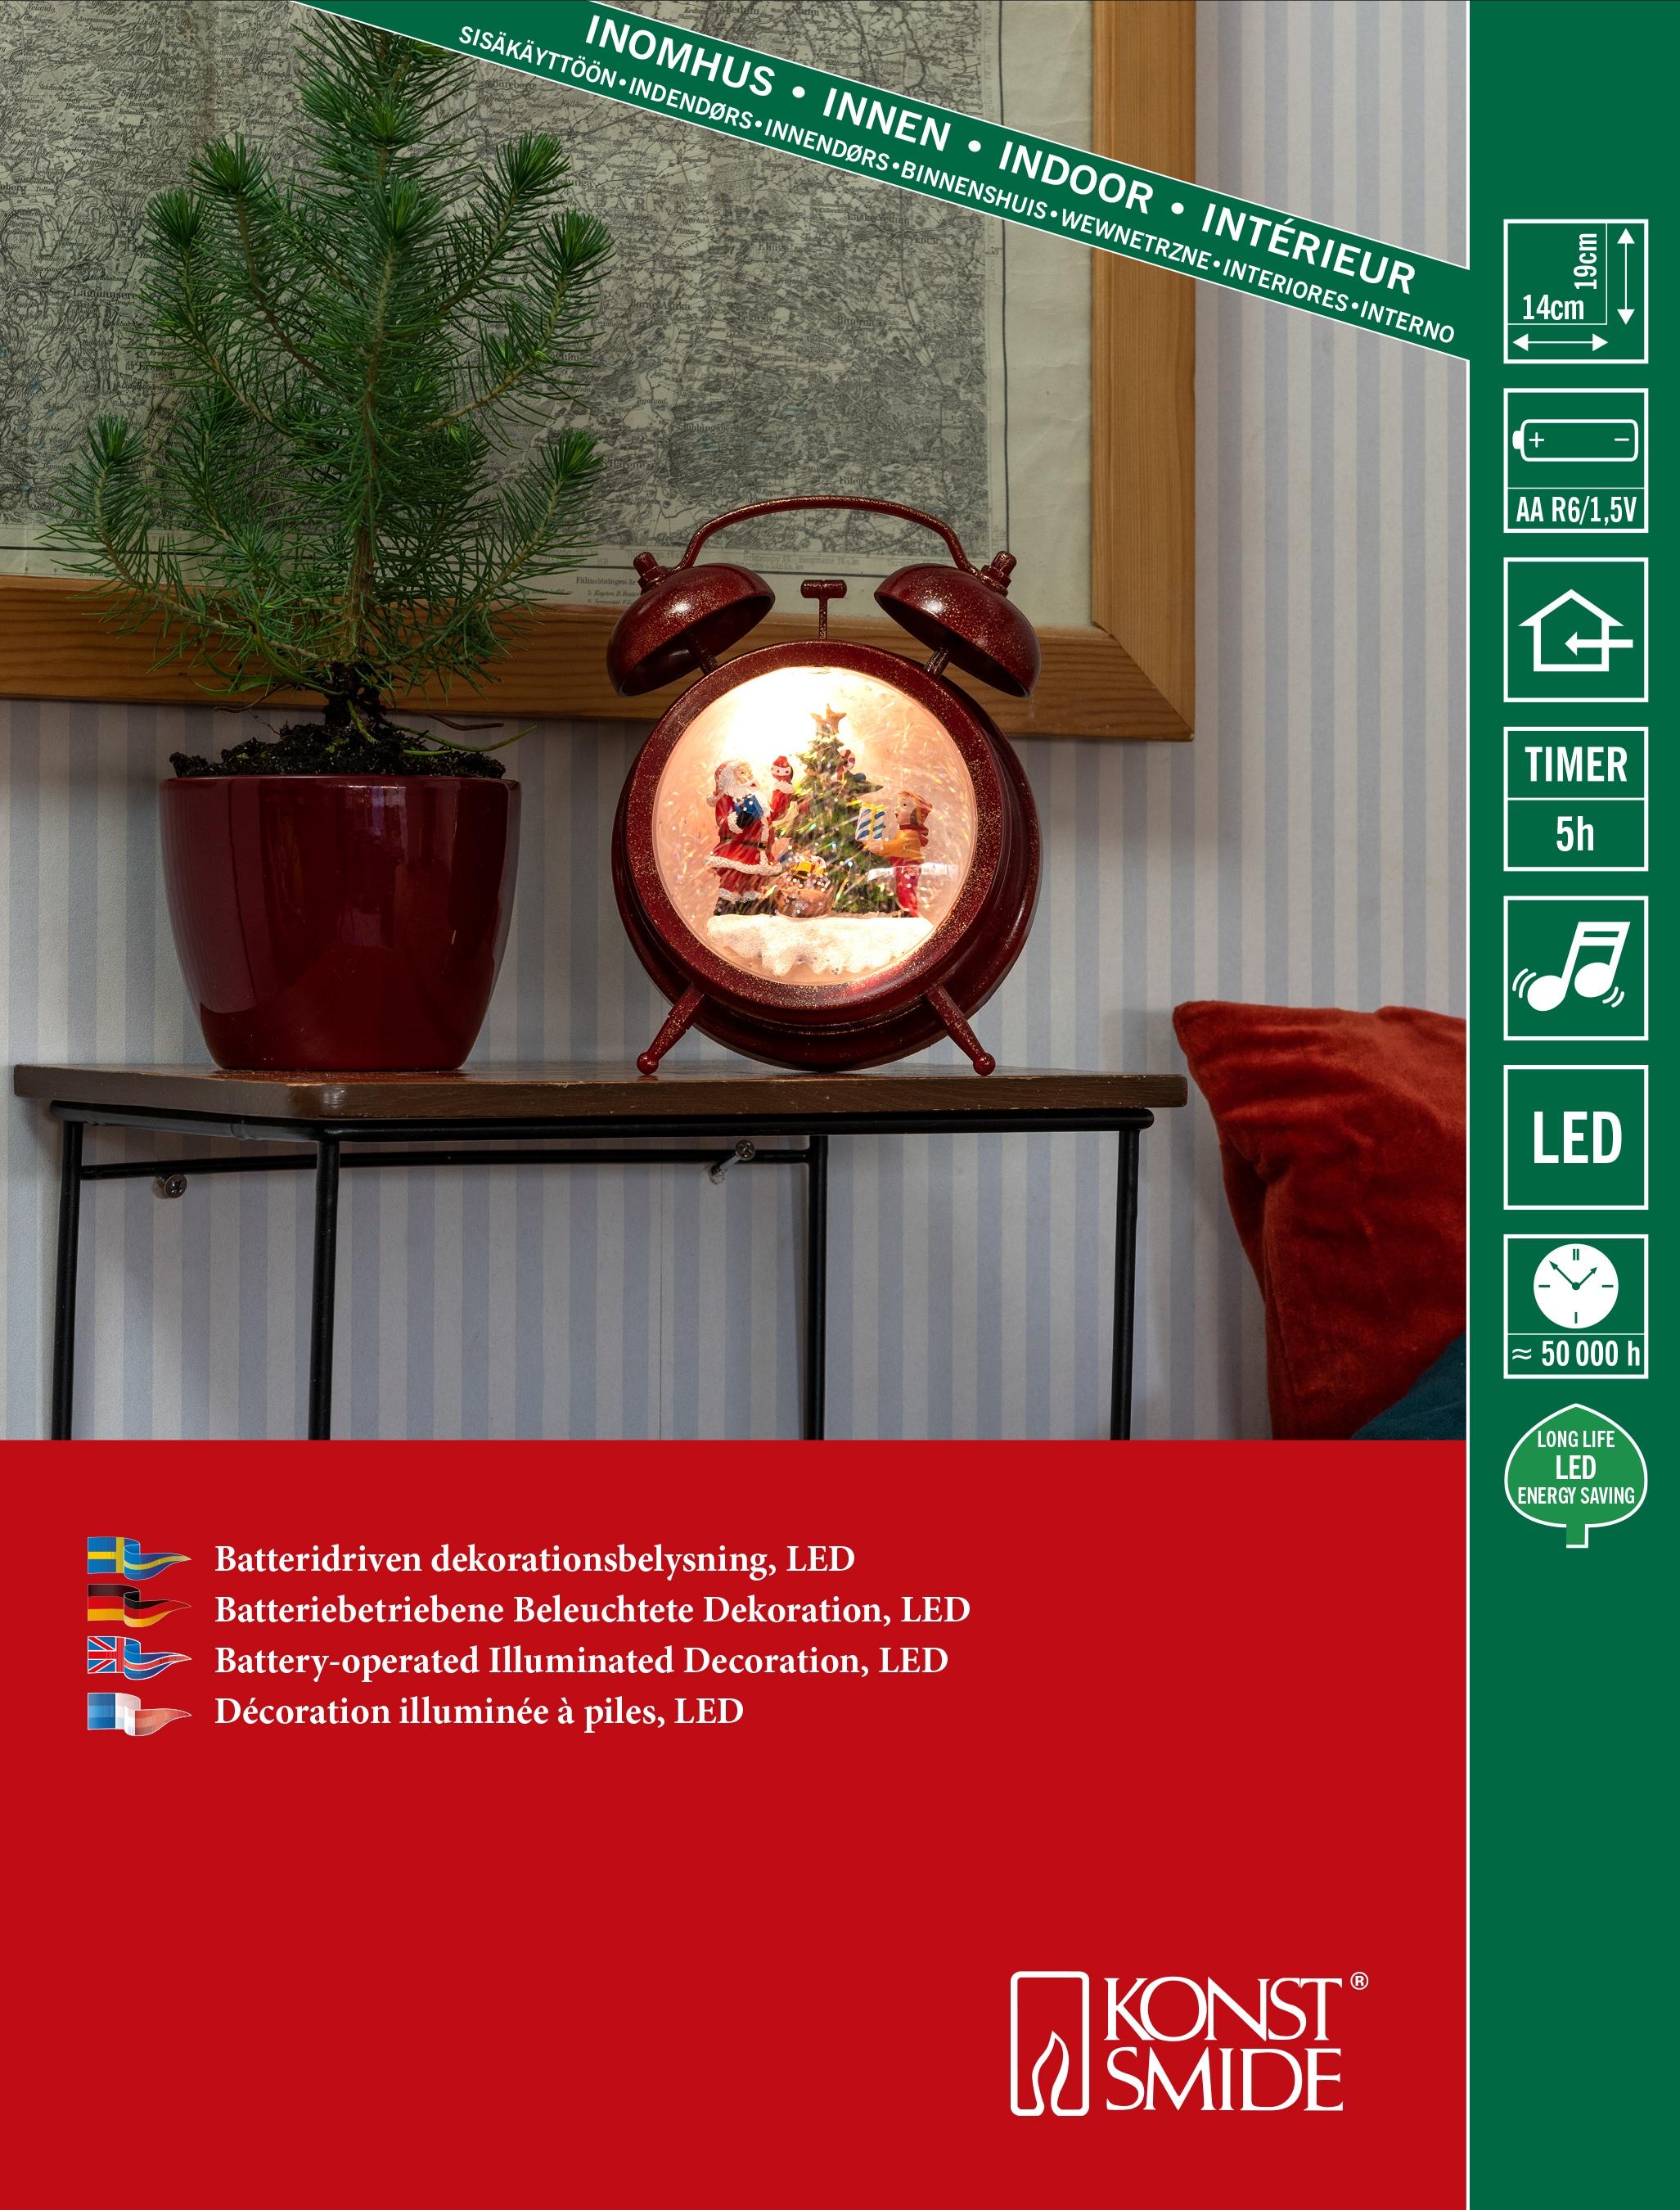 KONSTSMIDE LED Wecker wassergefüllt Wohnen/Accessoires & Leuchten/Wohnaccessoires/Wecker/Retro Wecker